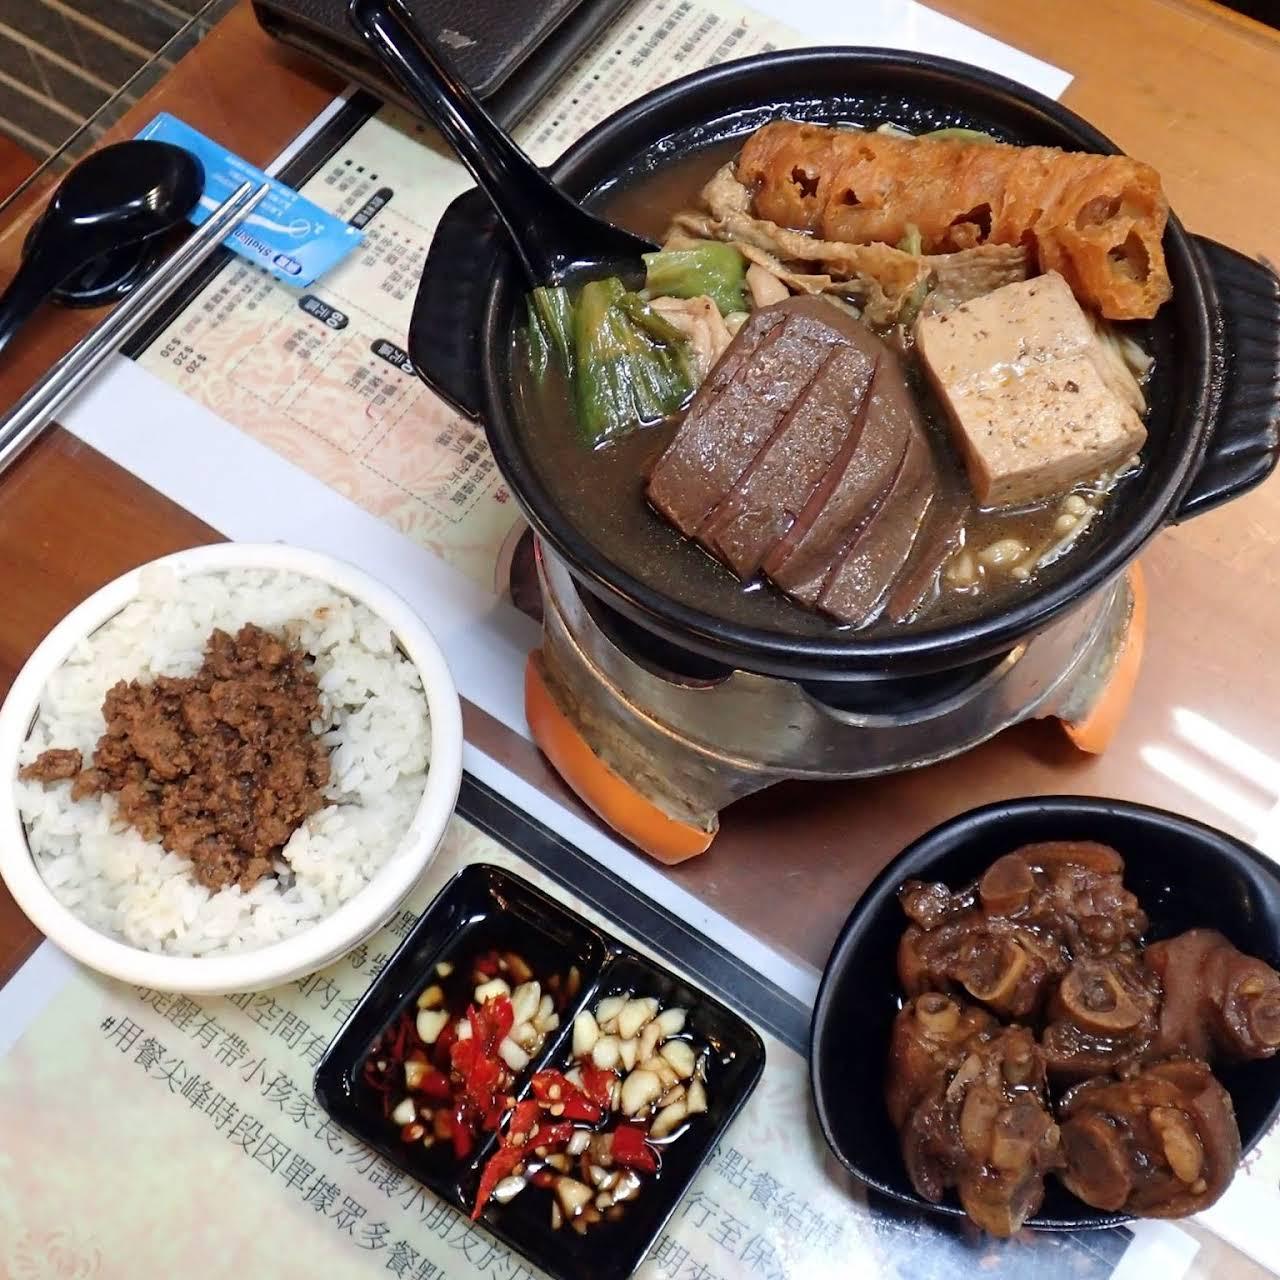 拿督肉骨茶宜蘭店 - 馬來西亞餐廳